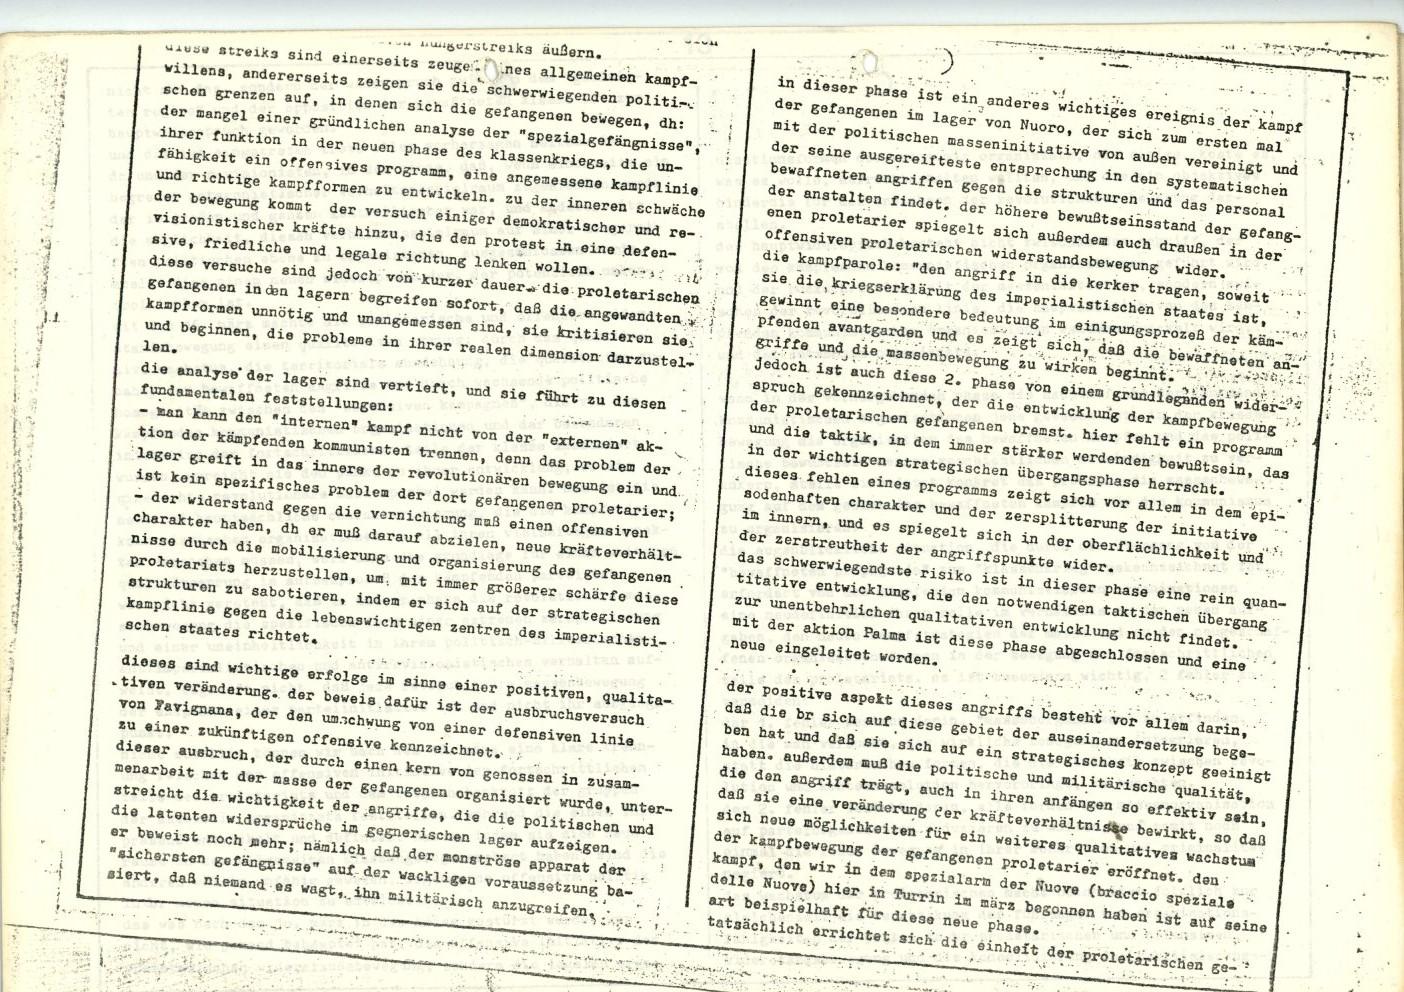 Italien_Brigate_Rosse_1982_Texte_1_27